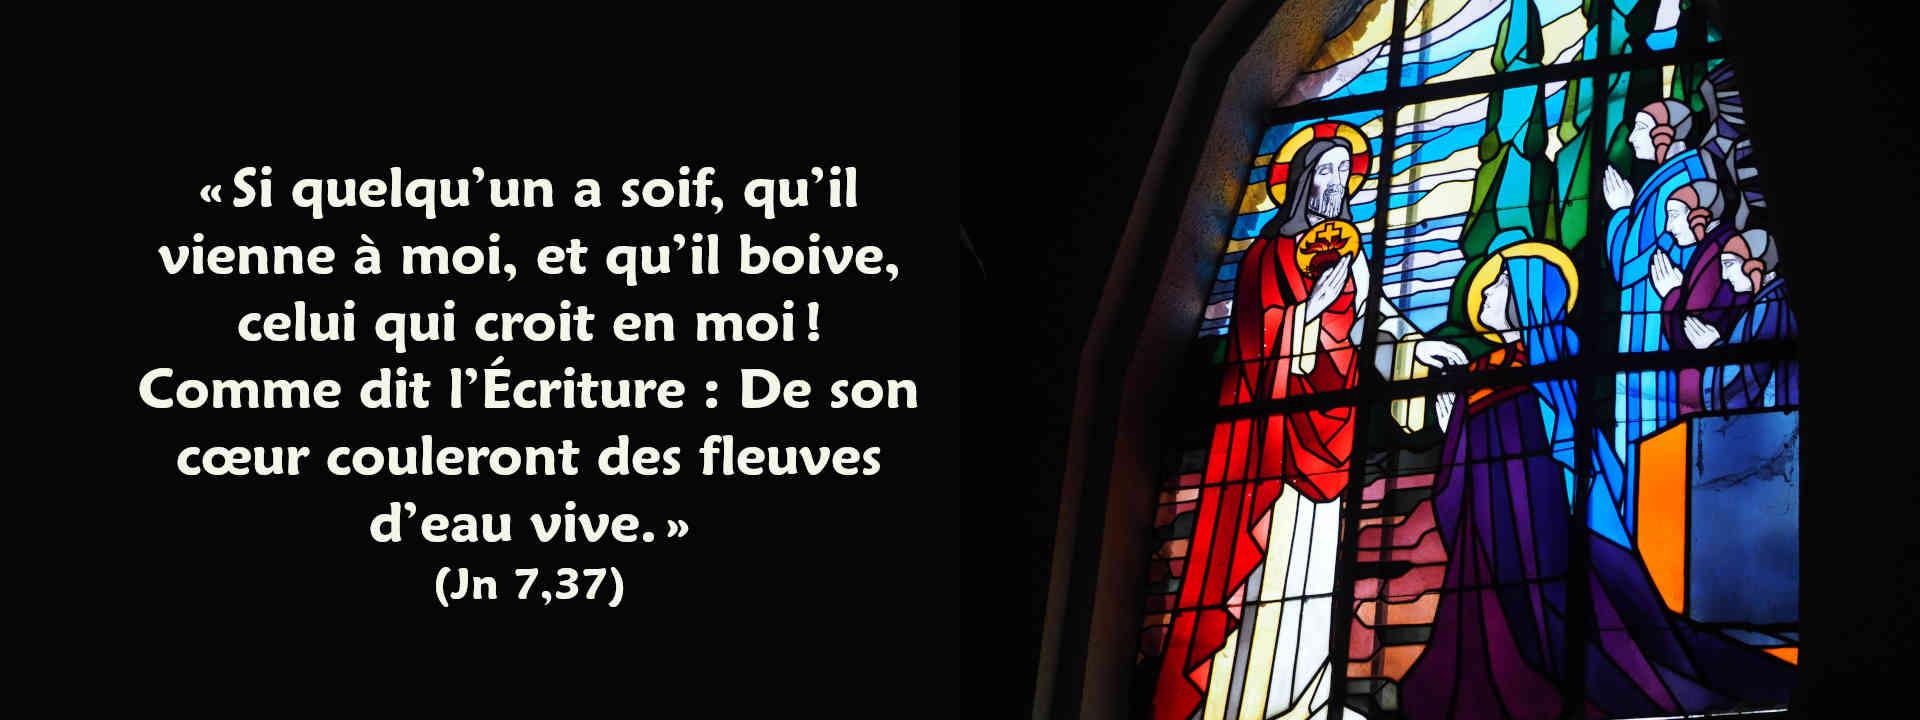 vitrail Aulnois Sacré-Cœur